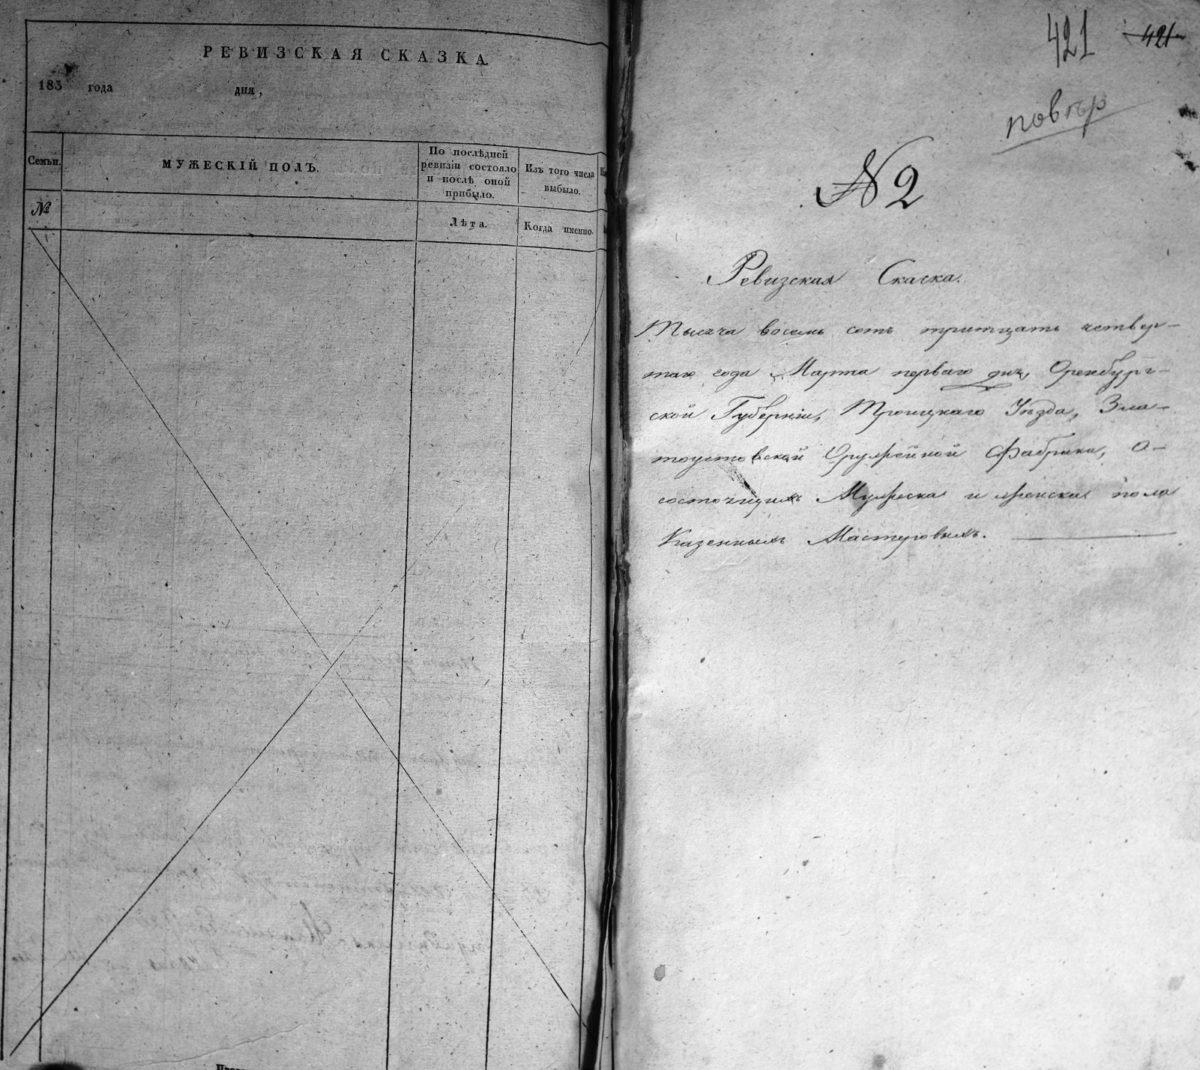 Ревизская сказка Златоустовская оружейная фабрика 1834 год обложка. Златоустовского.